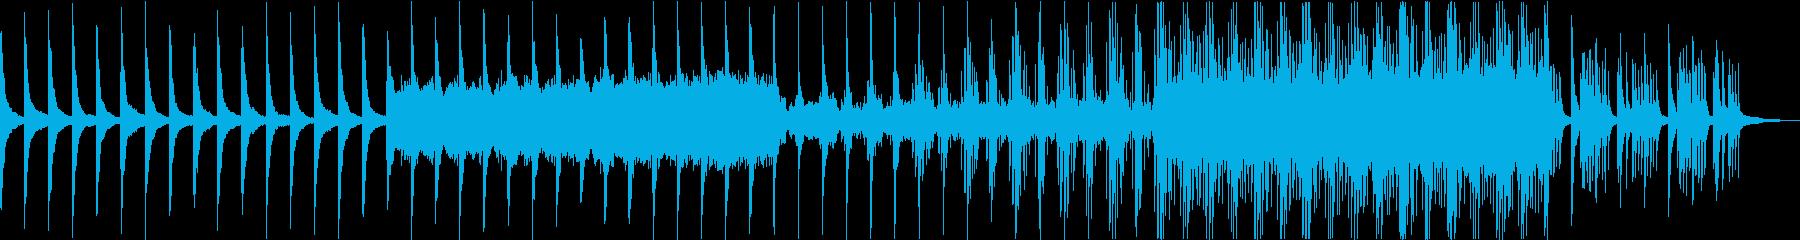 メロディはほぼ無く徐々に静かに盛り上がるの再生済みの波形